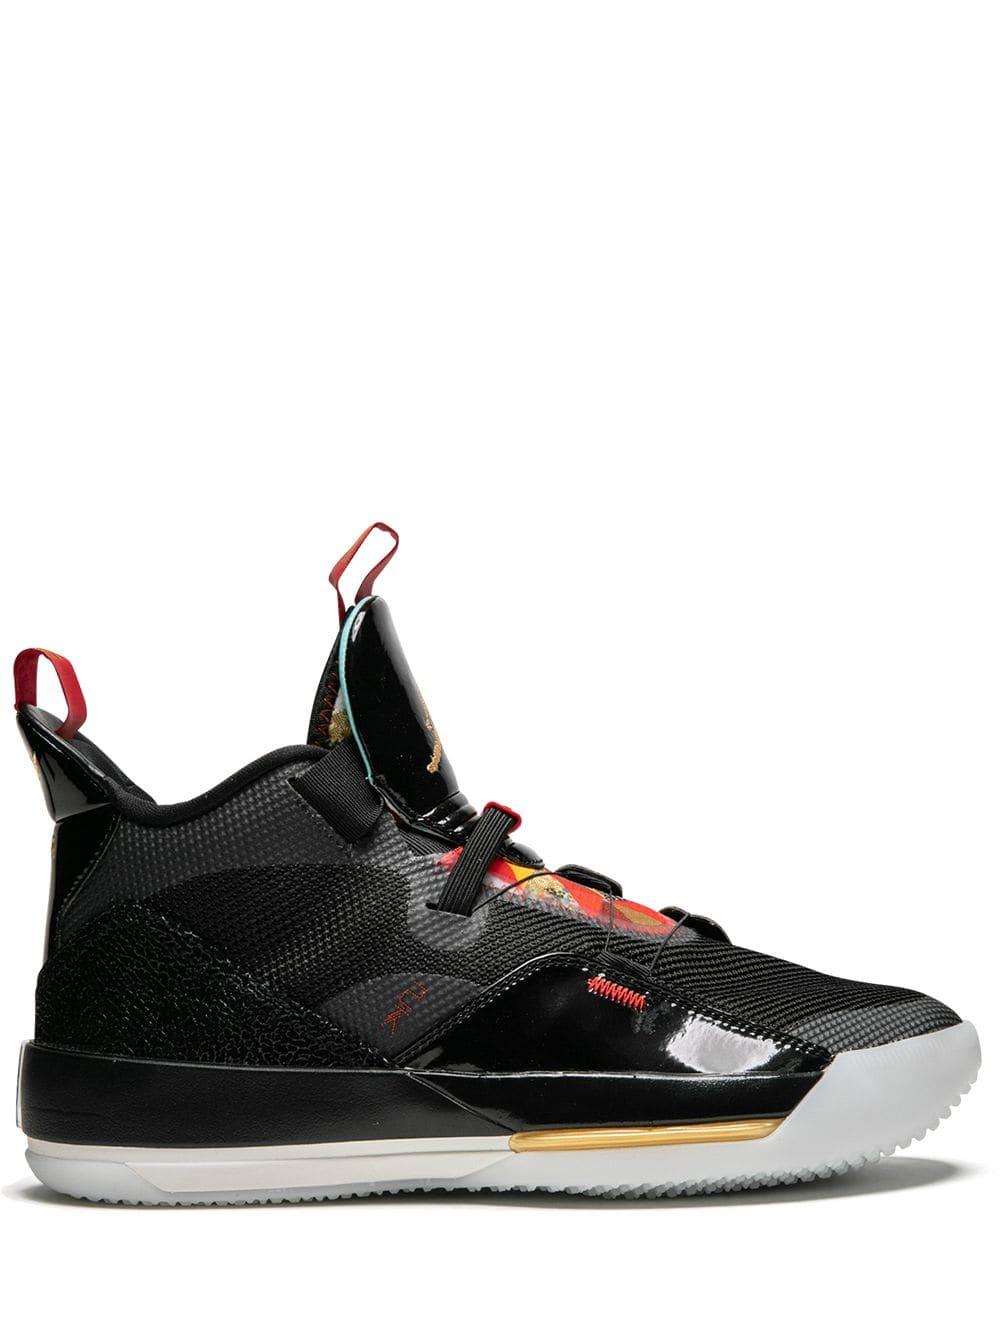 Jordan Air Jordan 33 Pf Sneakers Black Air Jordans Sneakers Jordans